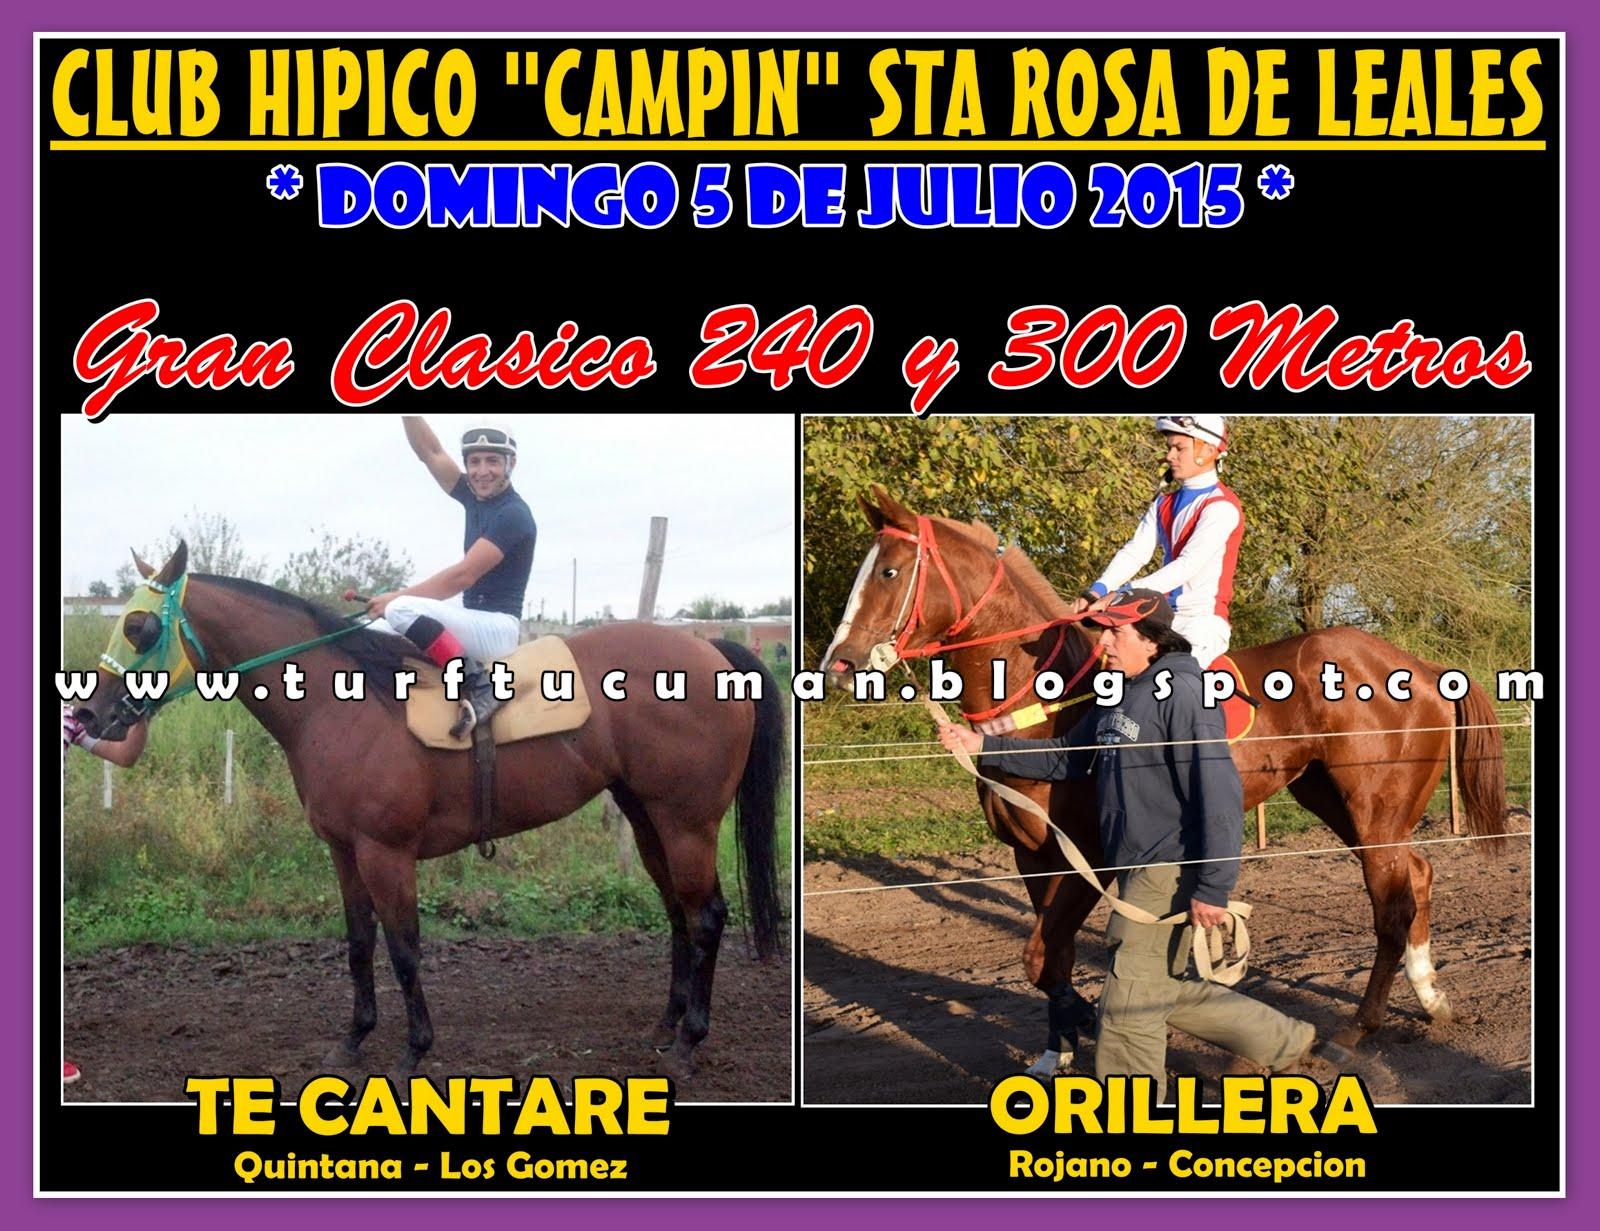 CANTARE ORILLERA